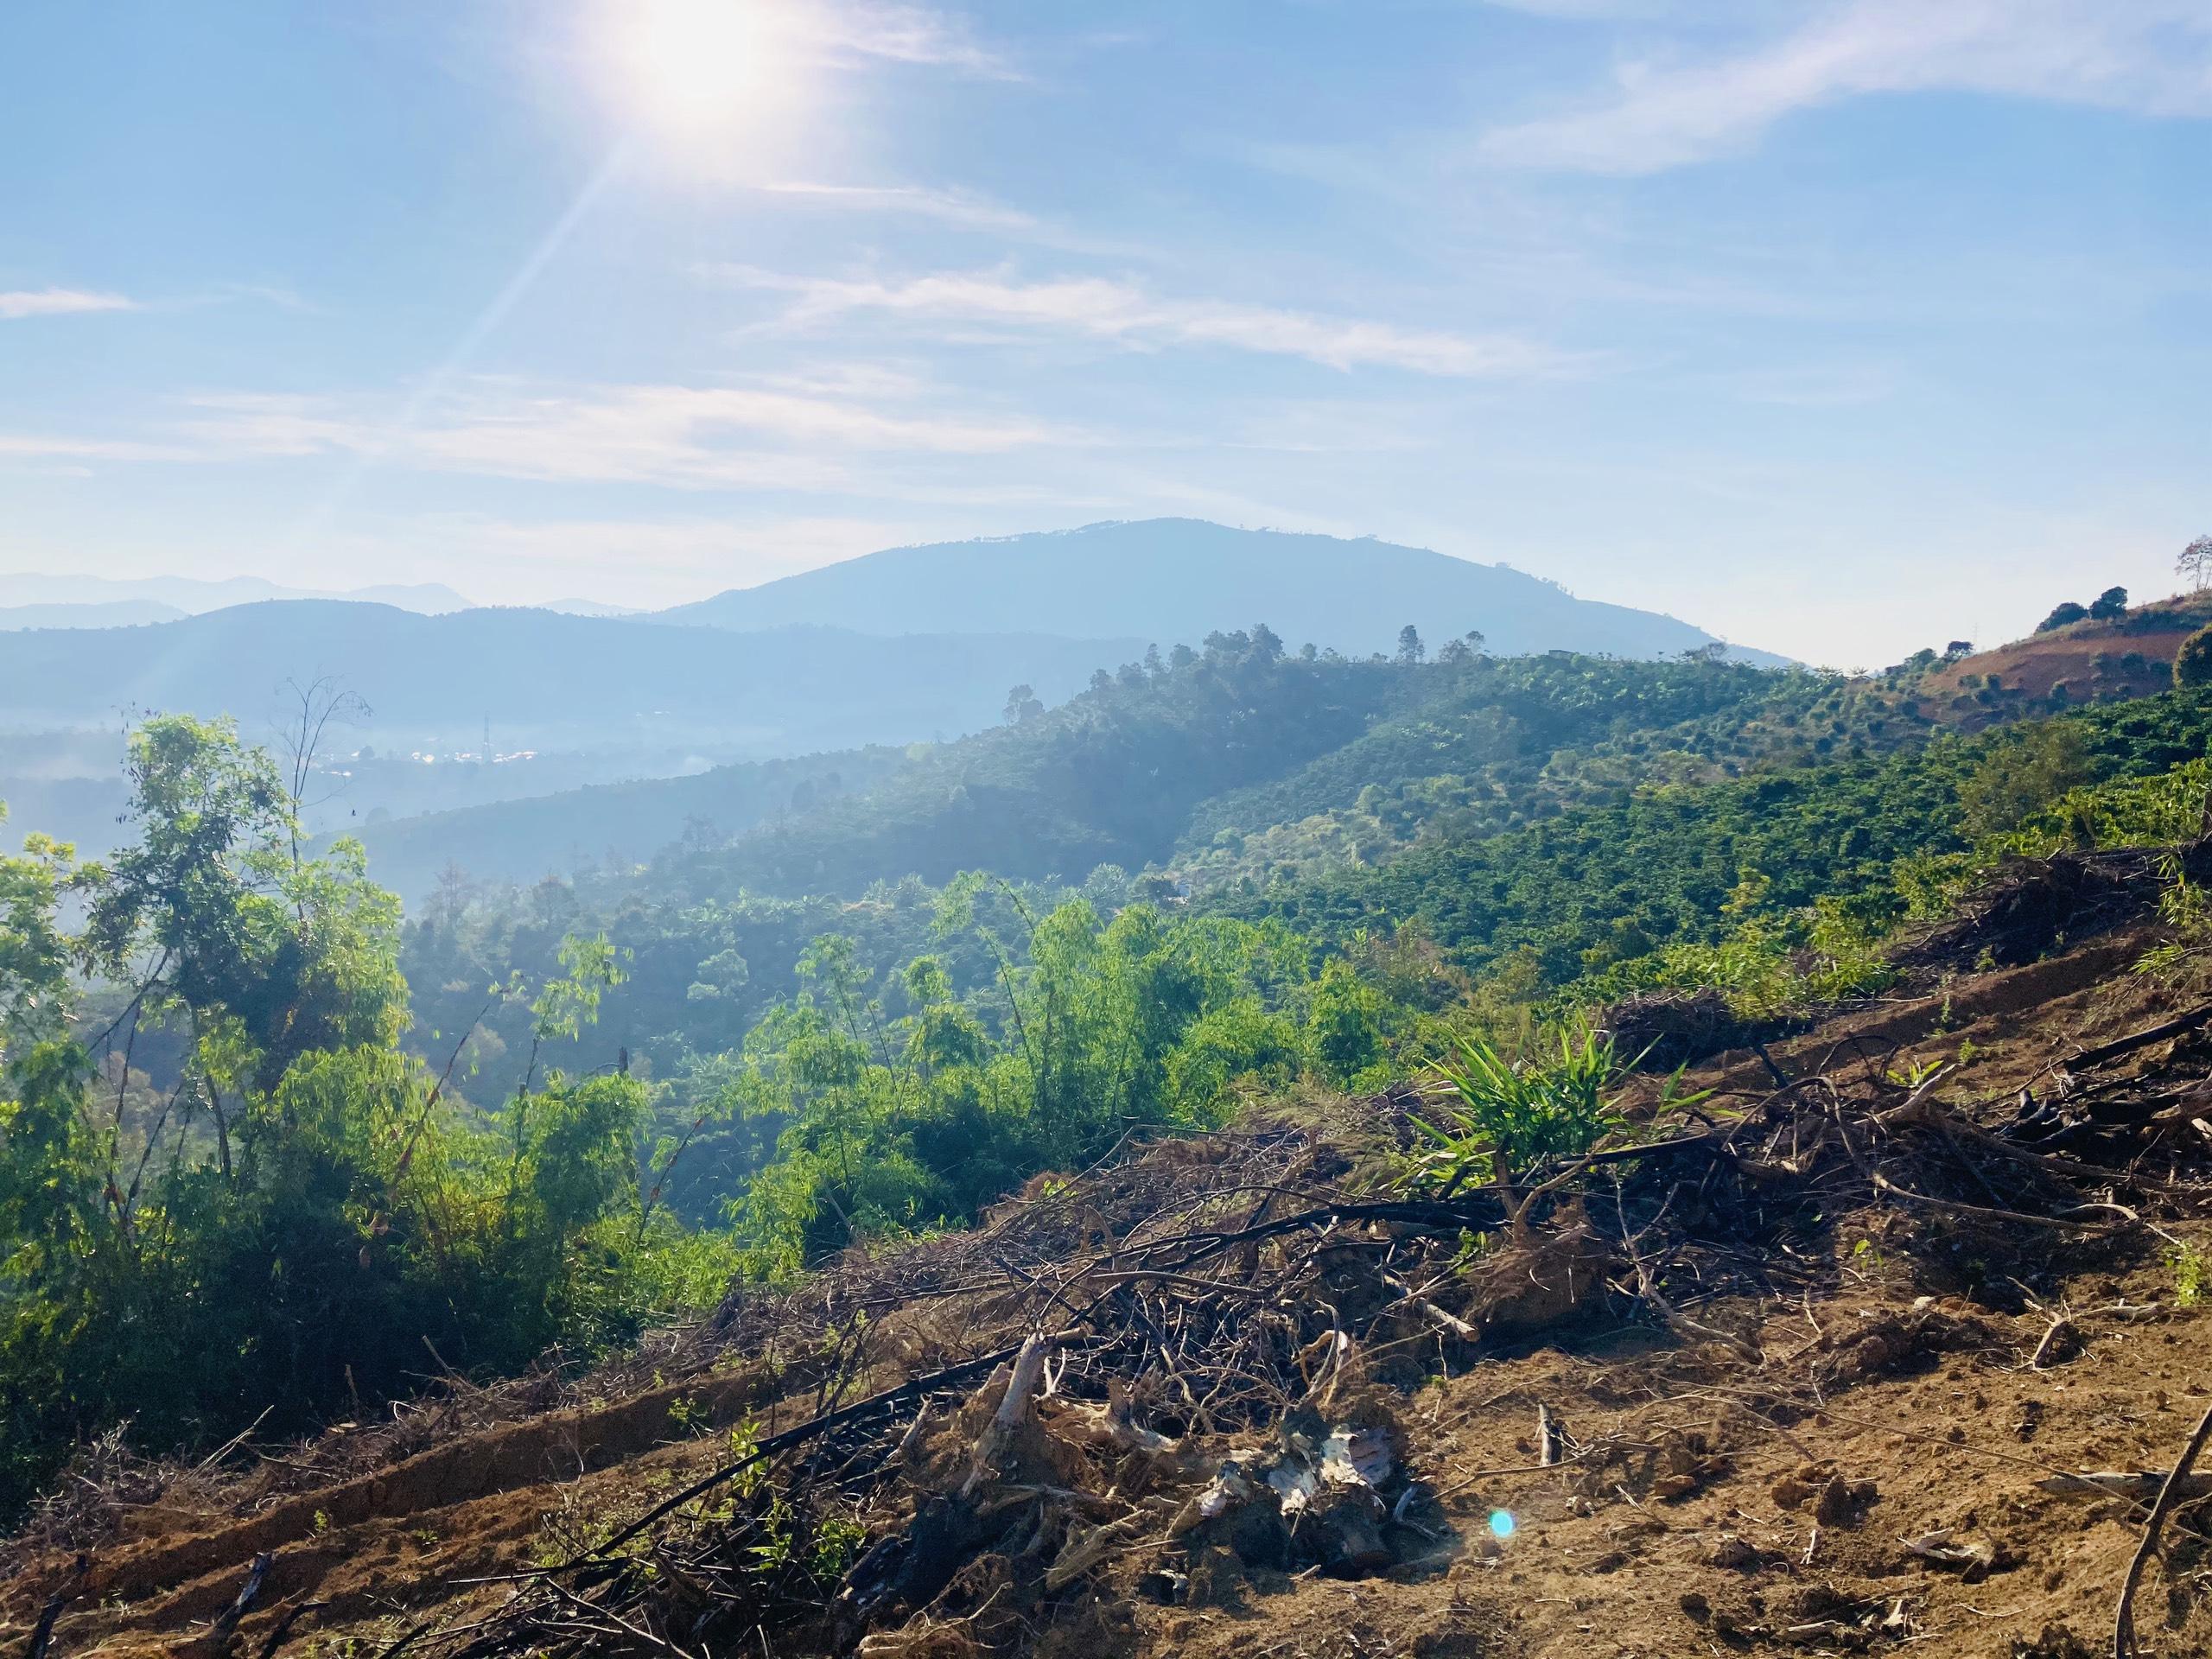 Địa điểm du lịch không thể bỏ qua tại Bảo Lộc - Cổng Trời cách làng thiền chí 3km